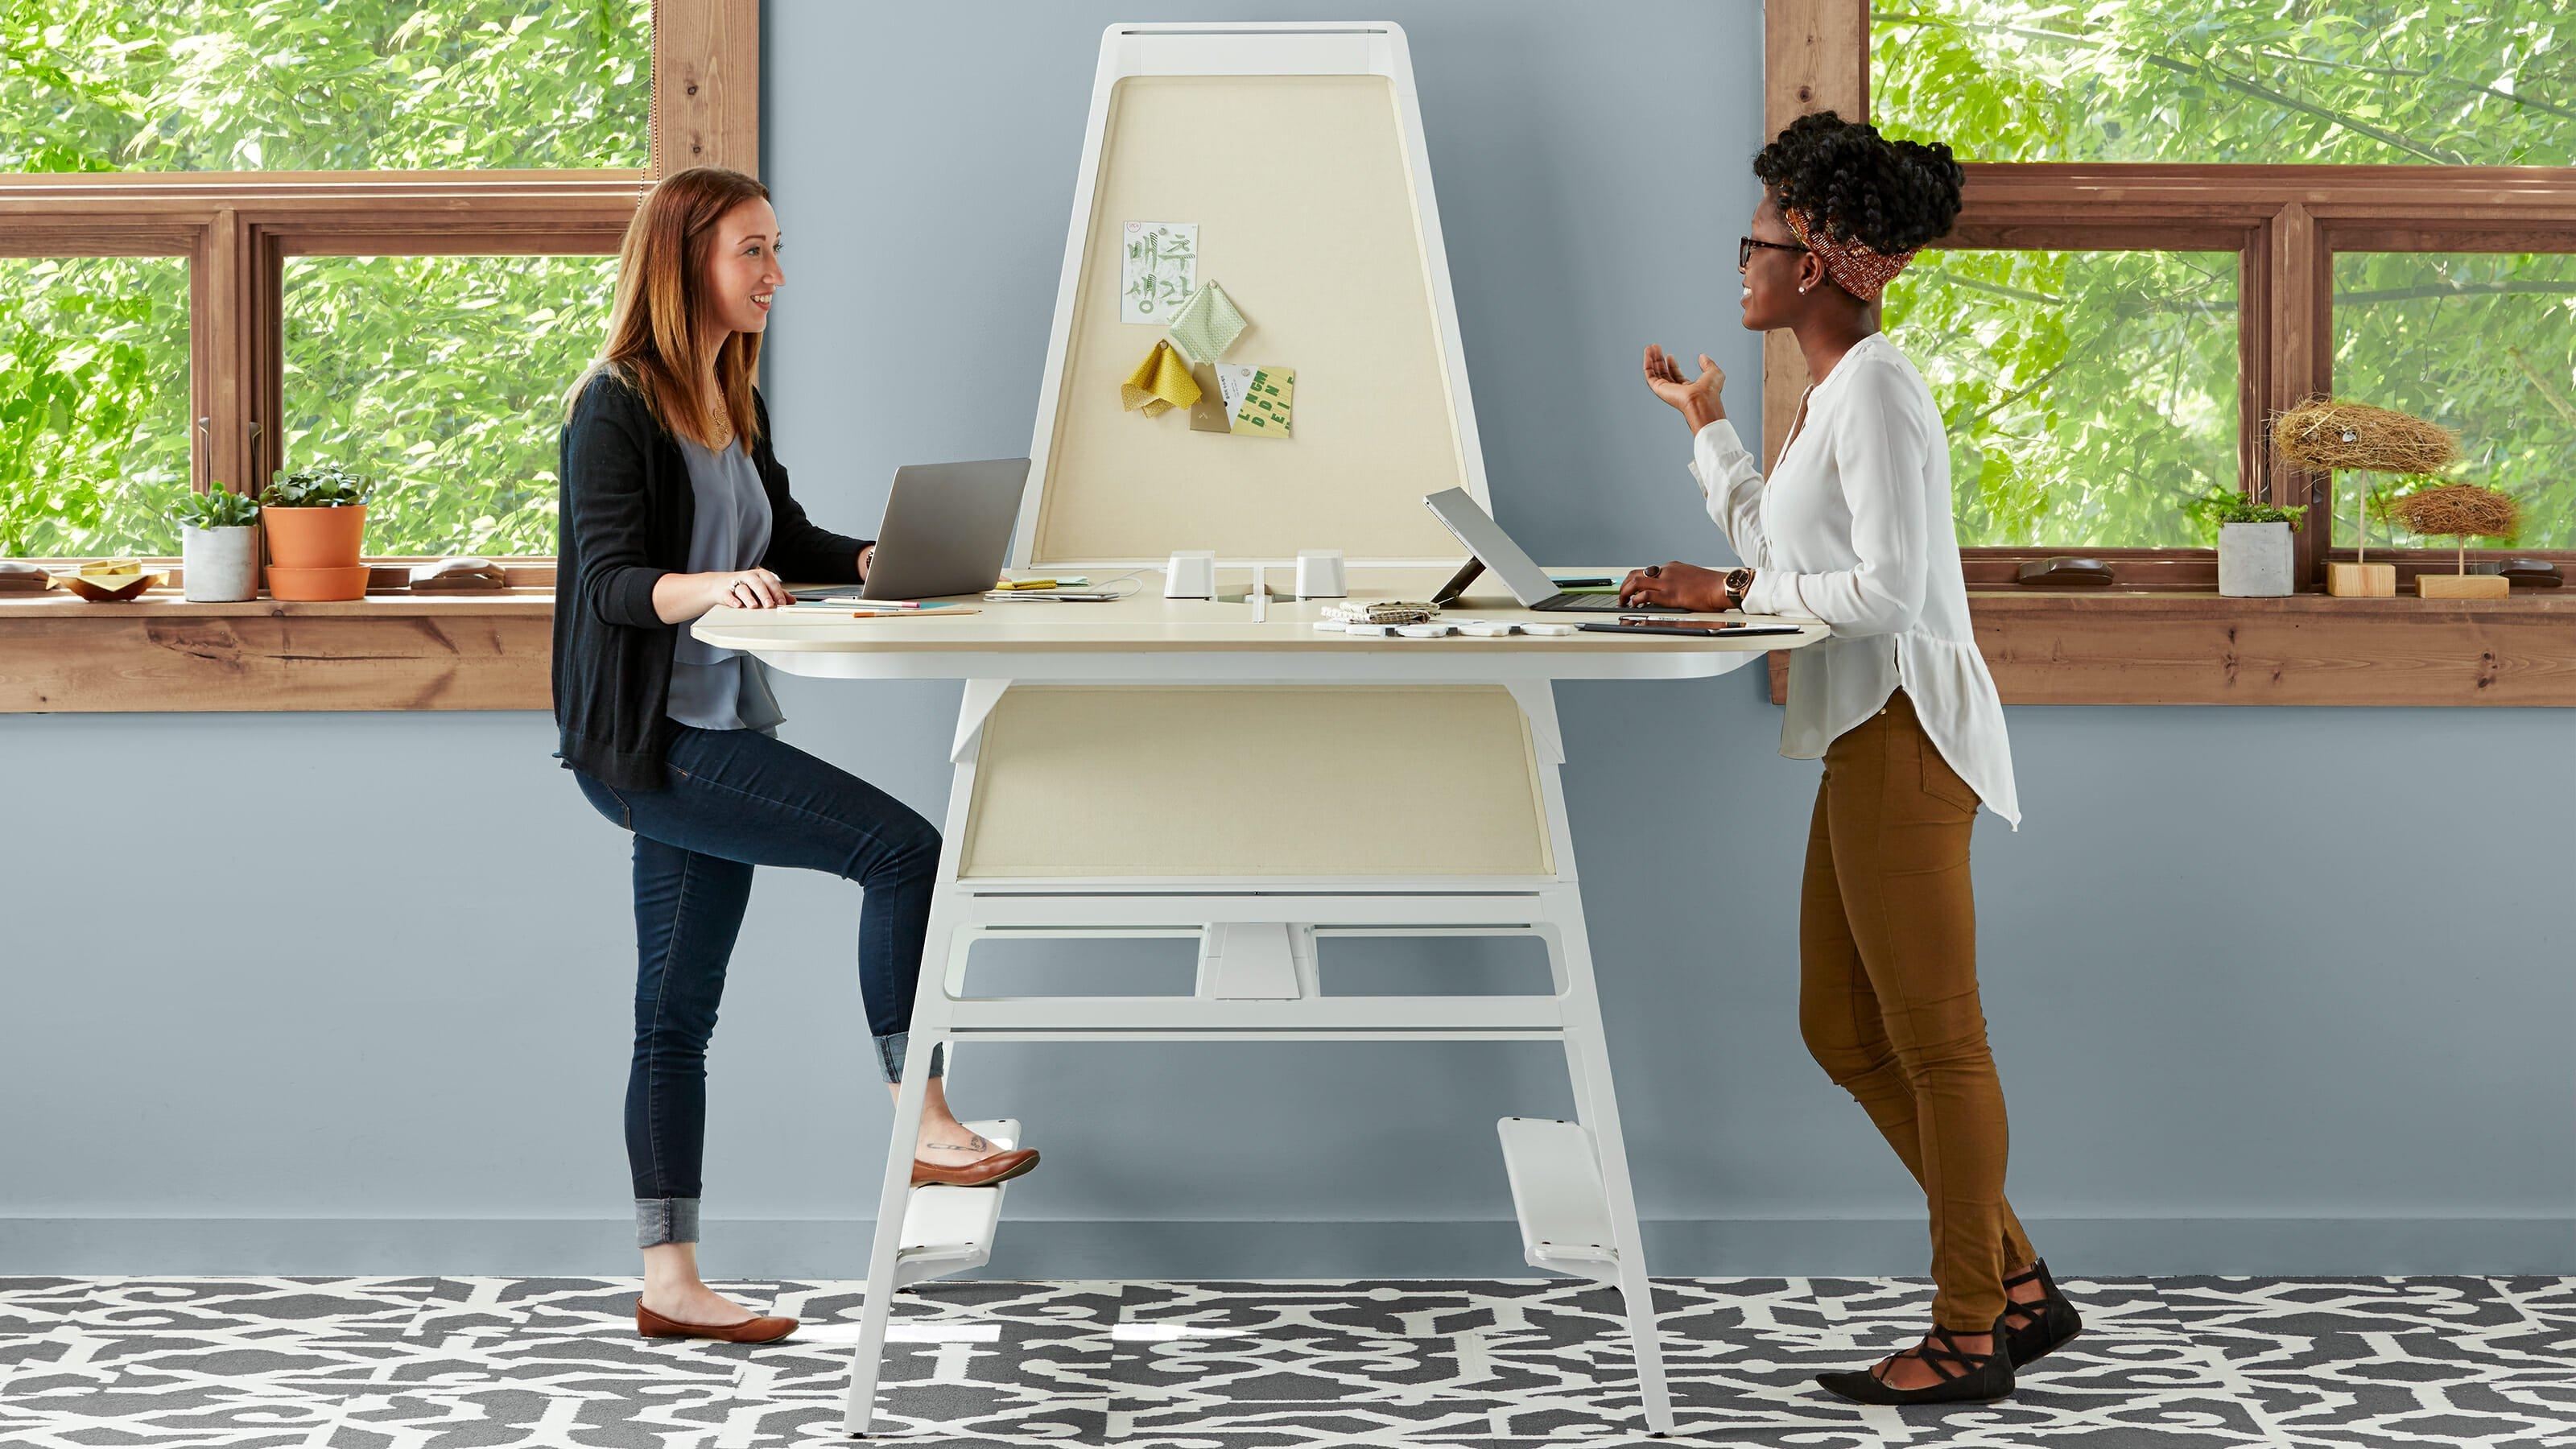 steelcase standing desk modern office interior design